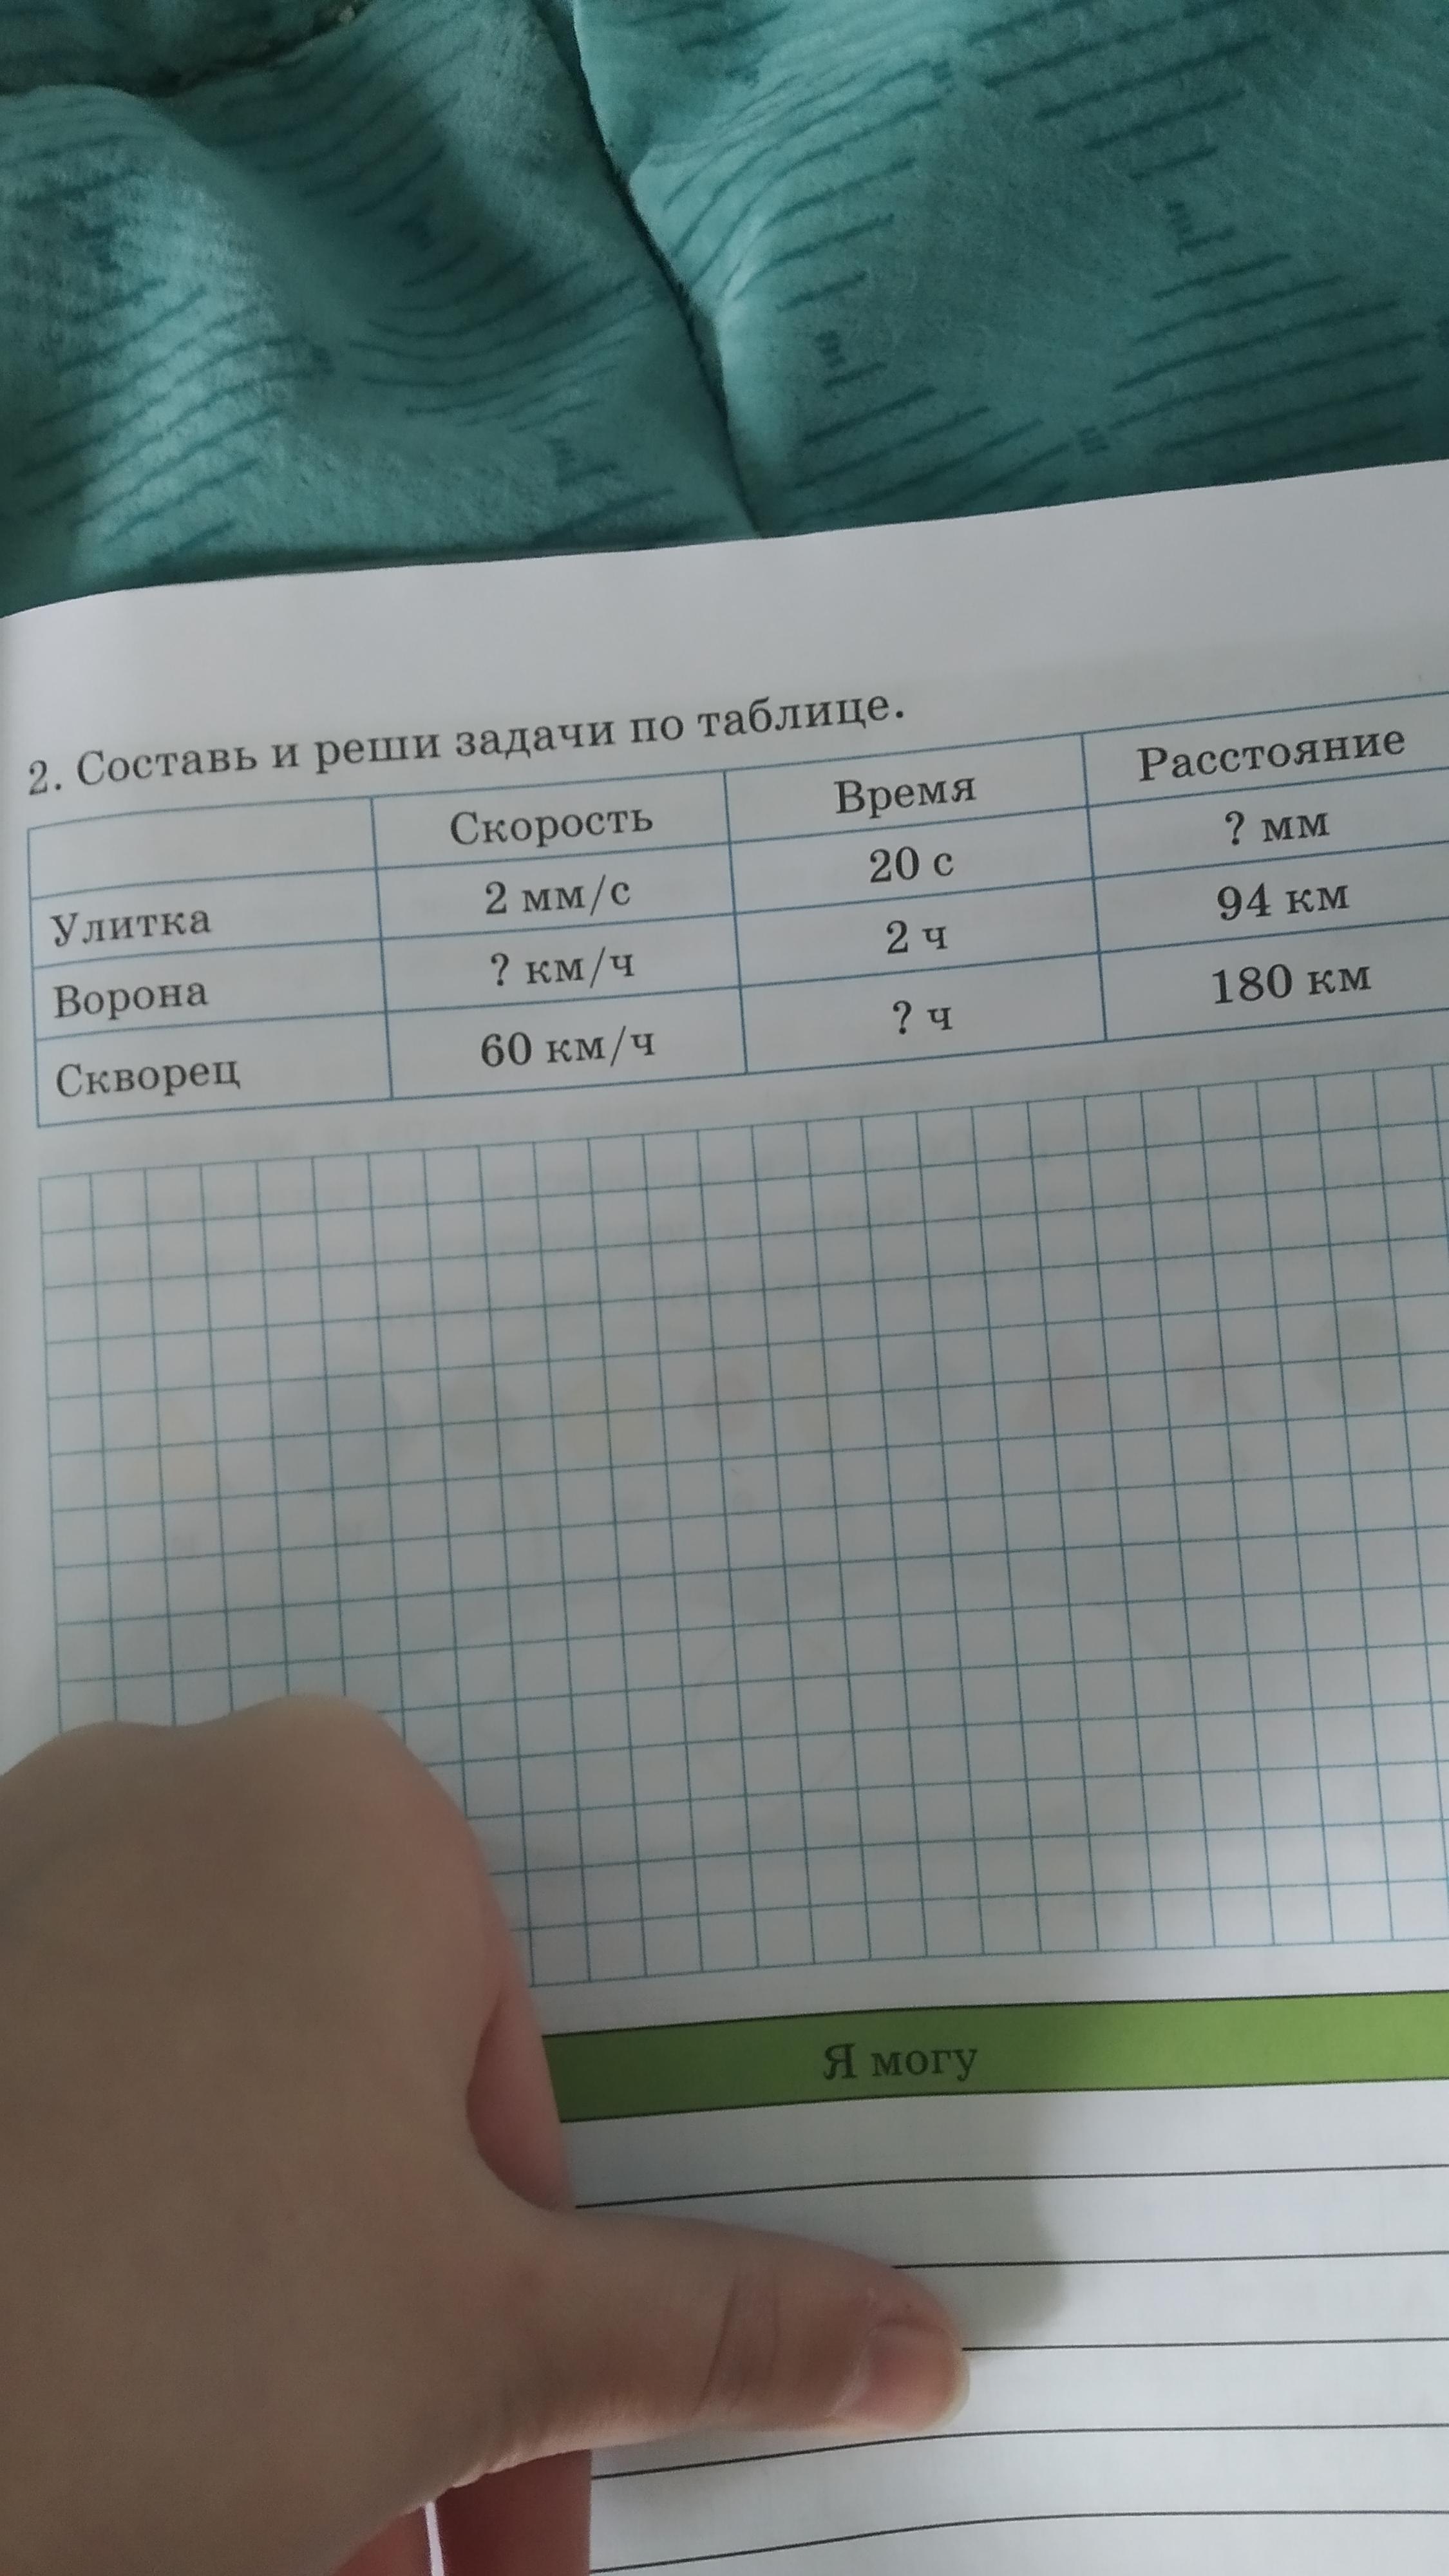 Составить и решить задачу по таблице решение задачи строки в книге